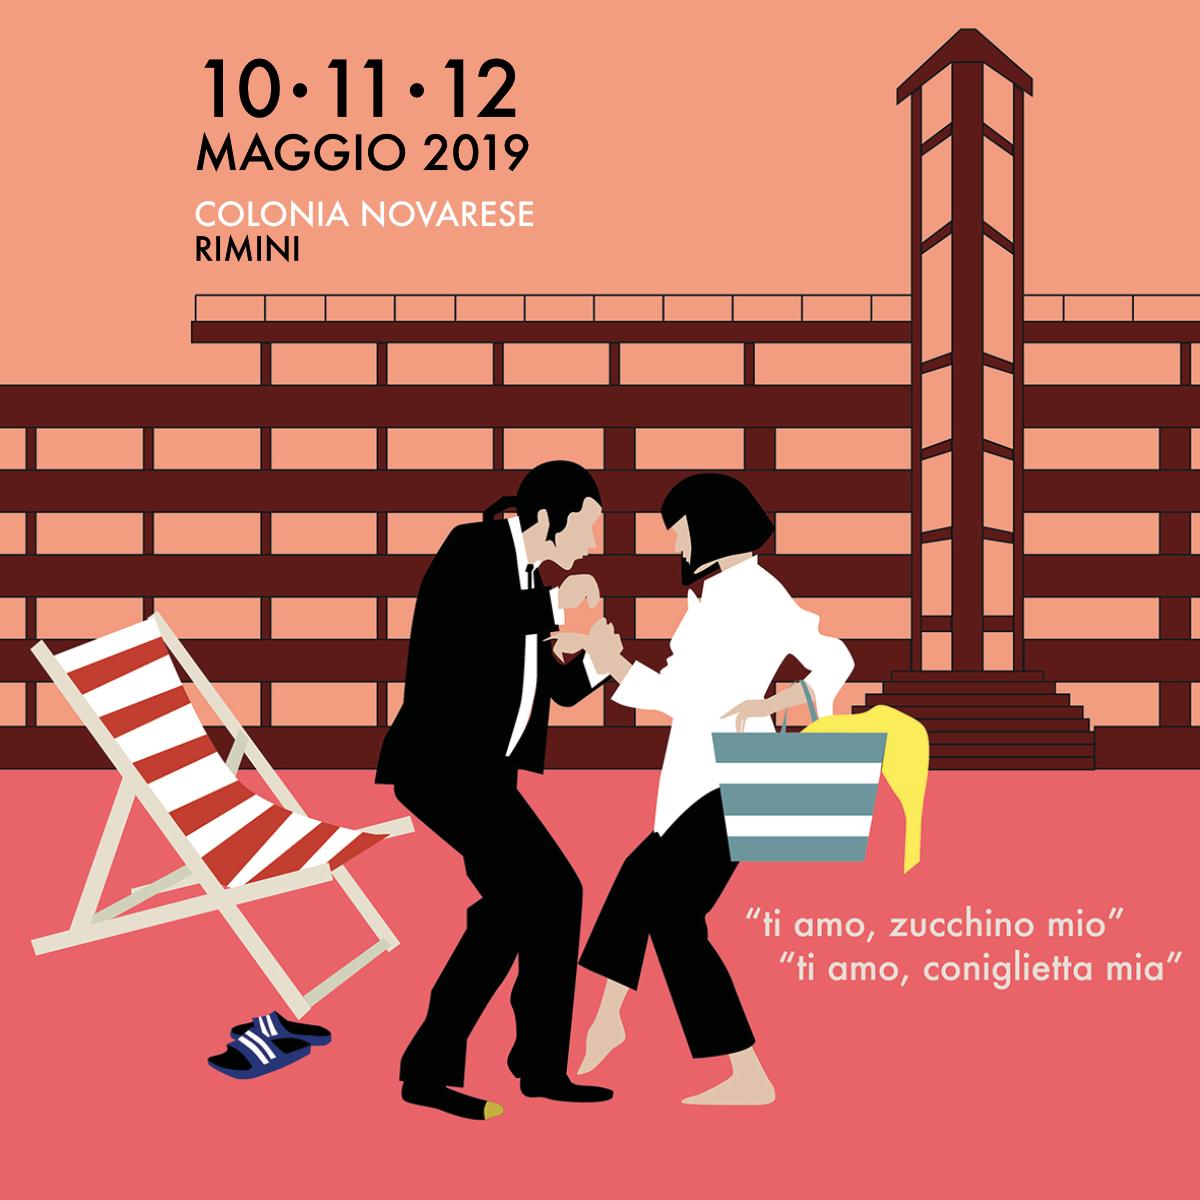 Matrioska Labstore #15 / Rimini / Colonia Novarese / 10-11-12 maggio 2019 / Mia e Vincent